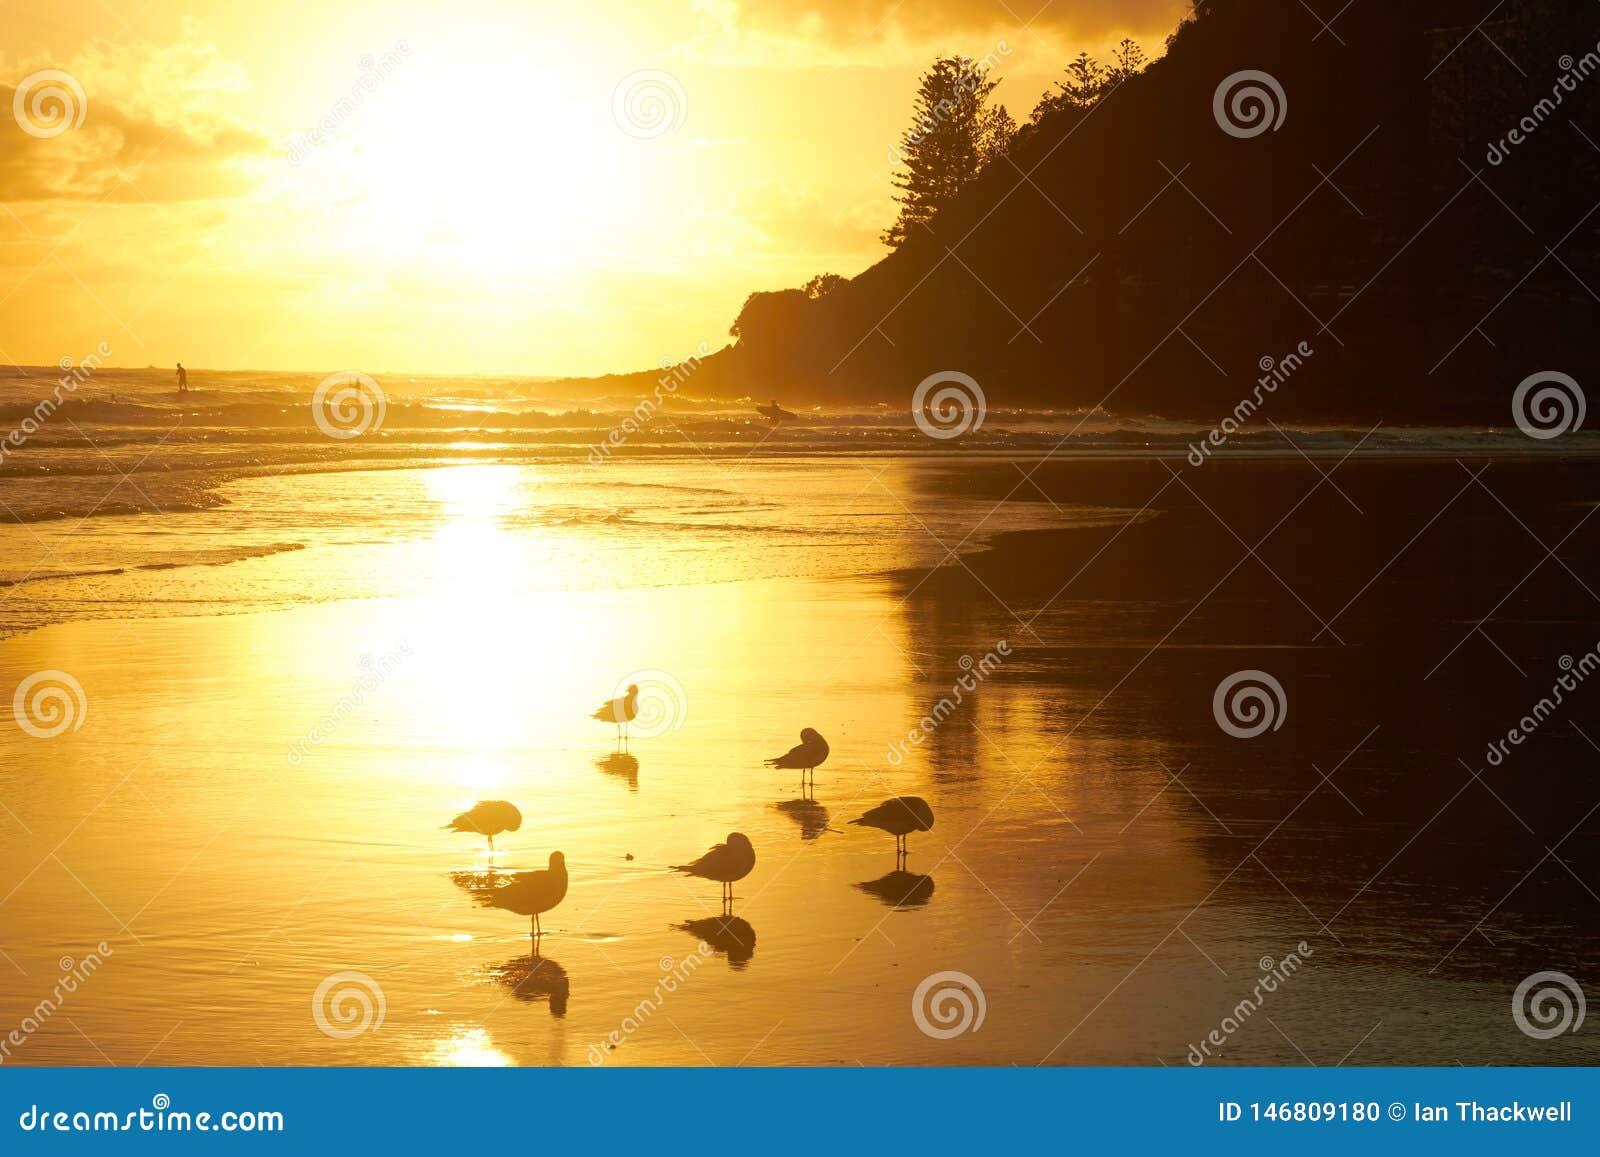 Mouettes sur une plage d or glorieuse au lever de soleil